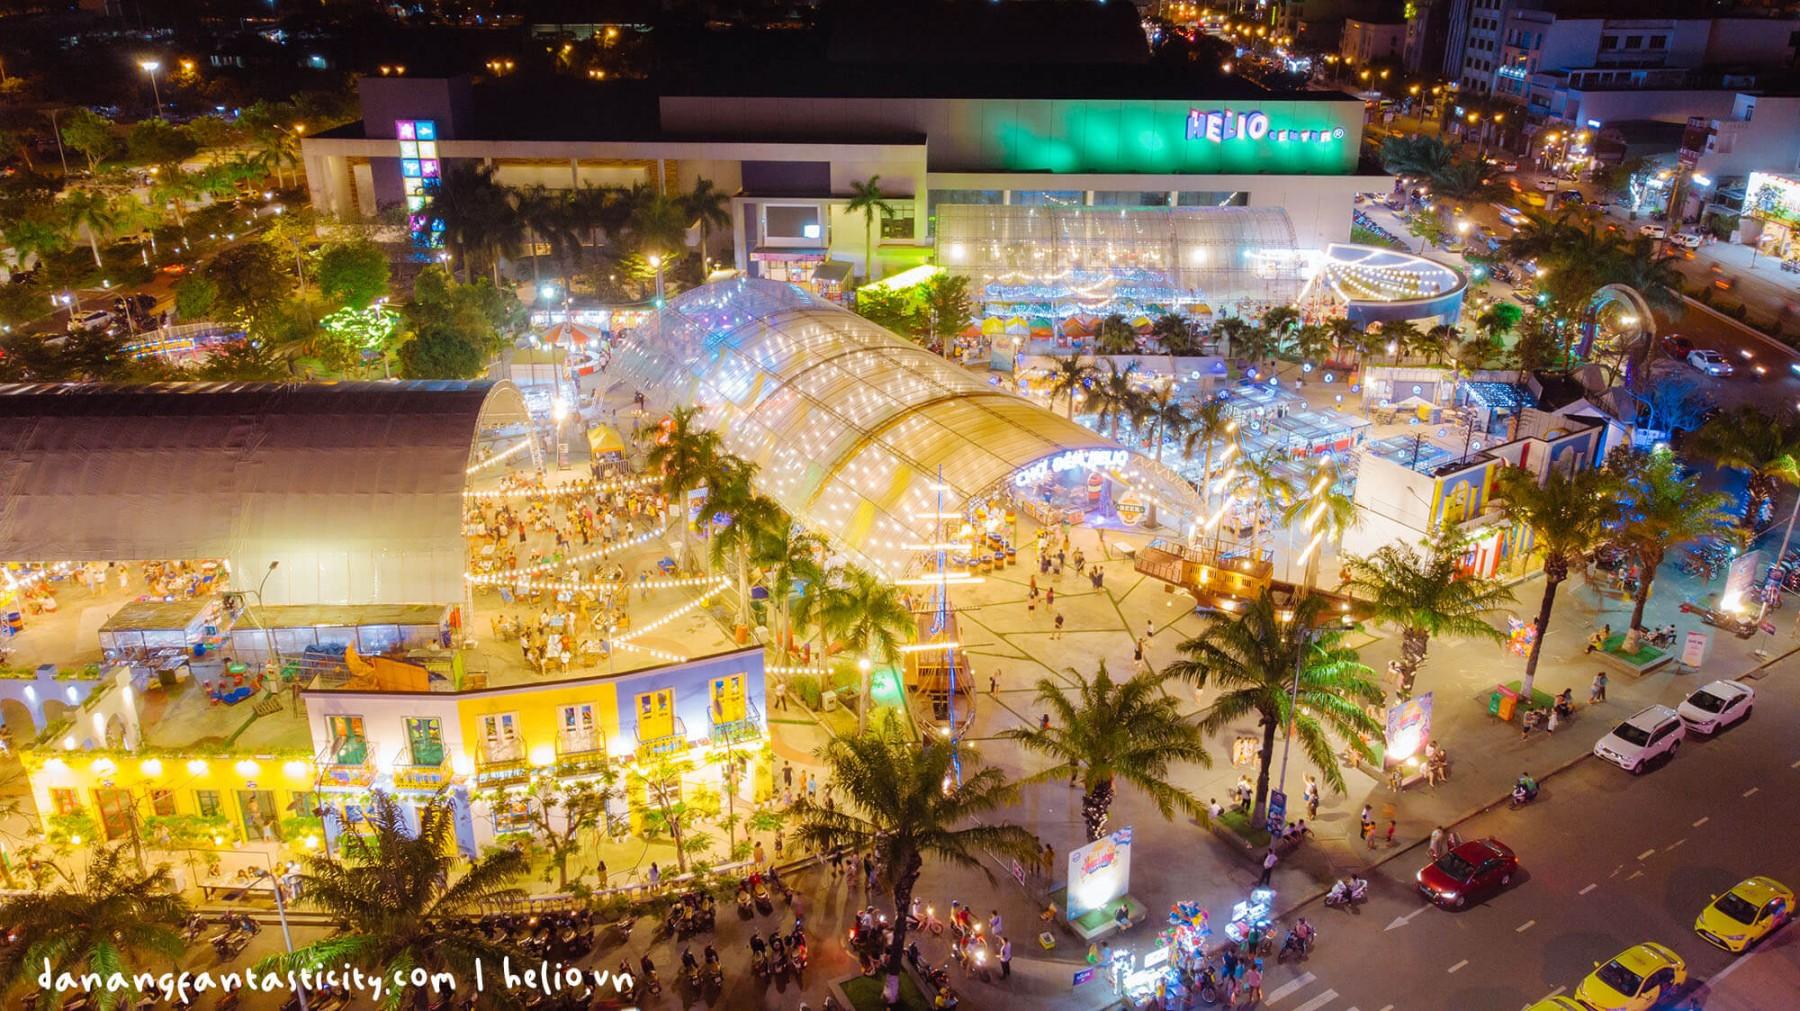 Chợ-đêm-Helio-Chợ-ở-Đà-Nẵng-local-food-best-food-in-danang-restaurant-near-me-danang-restaurant-danang-restaurant2